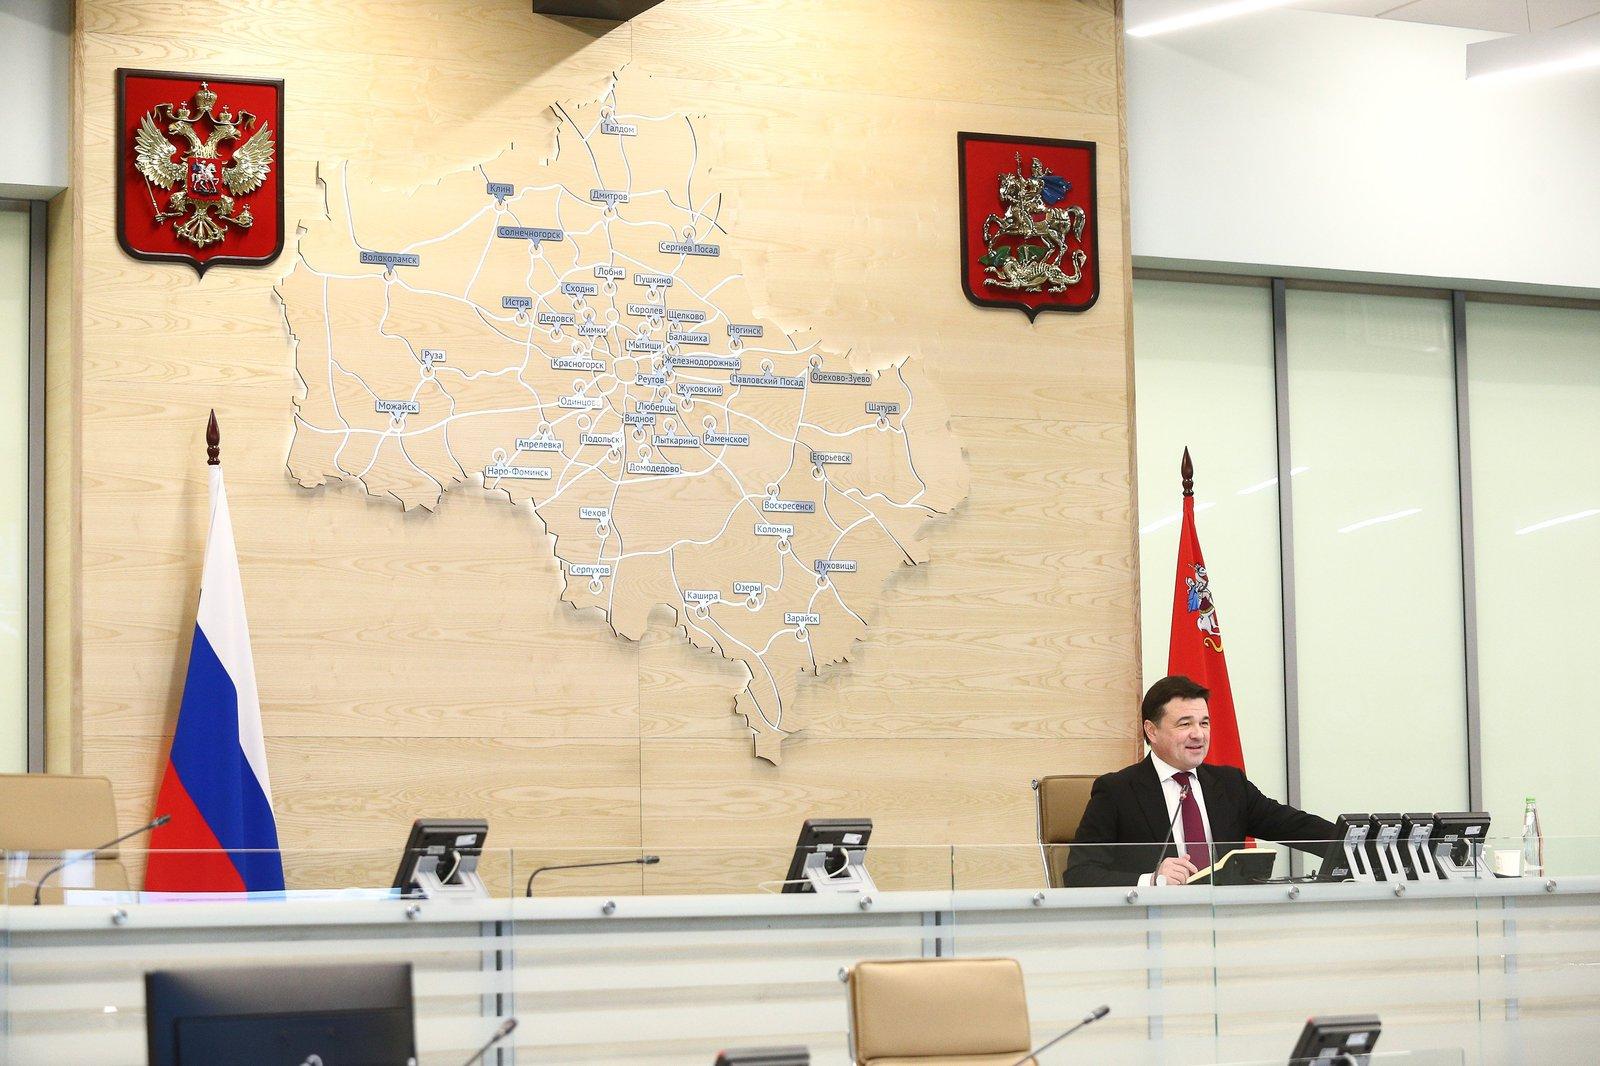 Андрей Воробьев губернатор московской области - Коронавирус, закрытие свалок и другие актуальные темы: что обсудили на встрече с Мишустиным